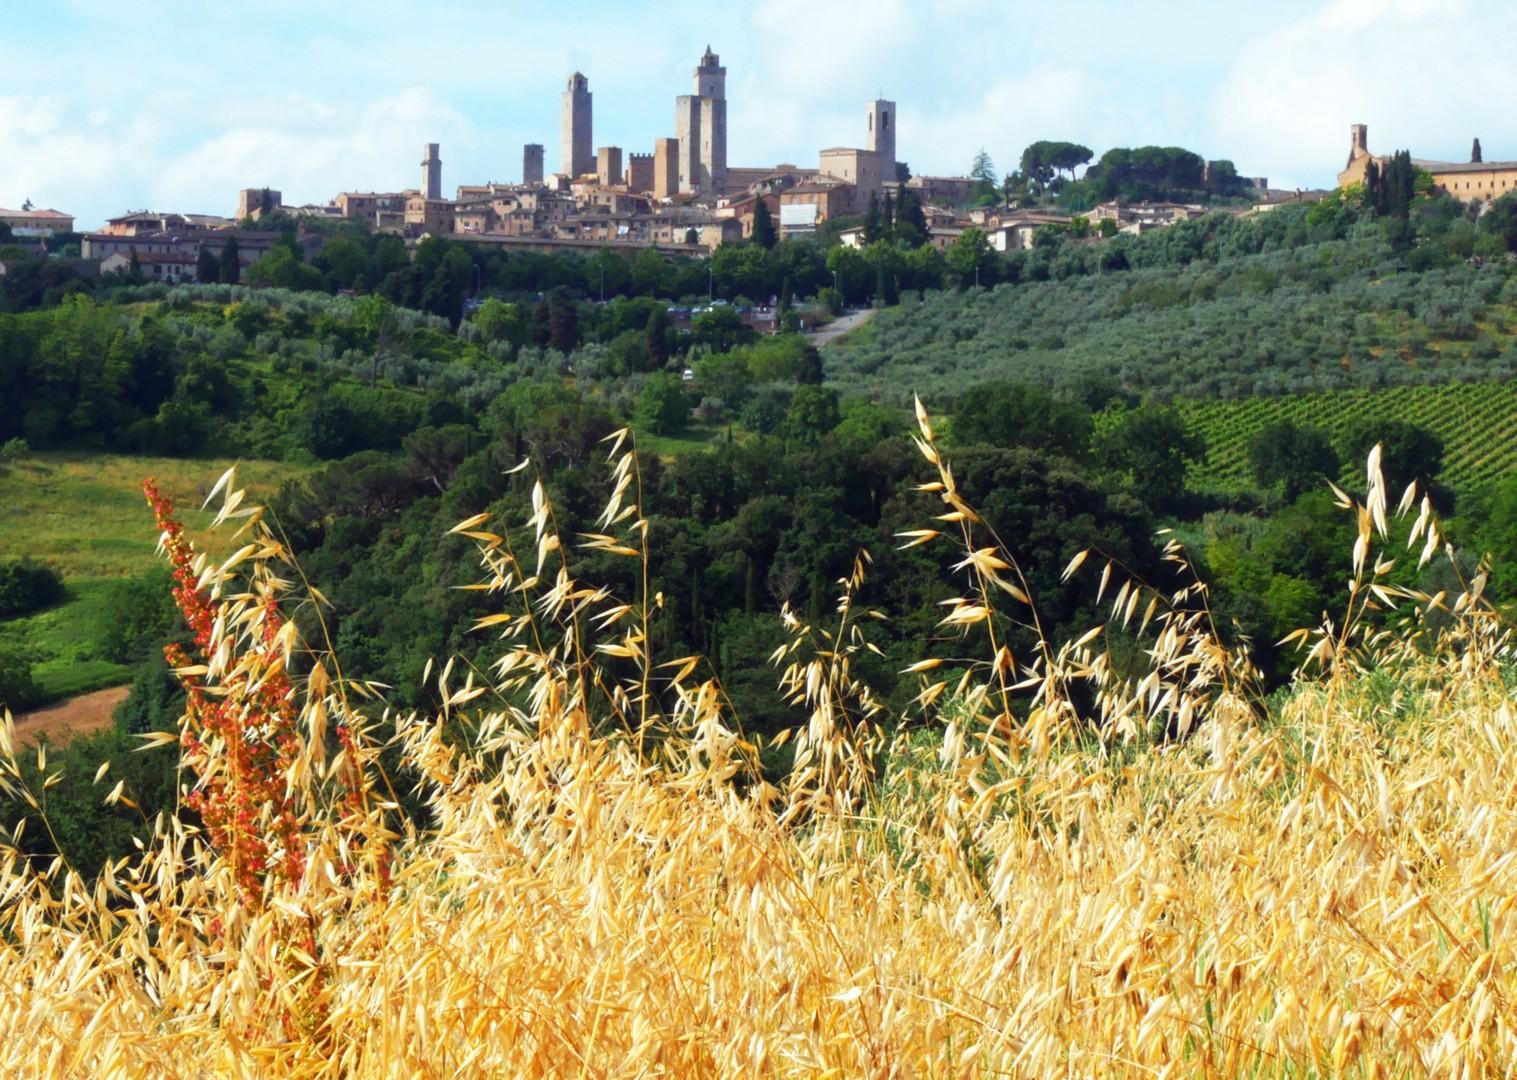 san-gim-corn-fields-tuscany-italy.jpg - Italy - Tuscany Tourer - Guided Road Cycling Holiday - Italia Road Cycling